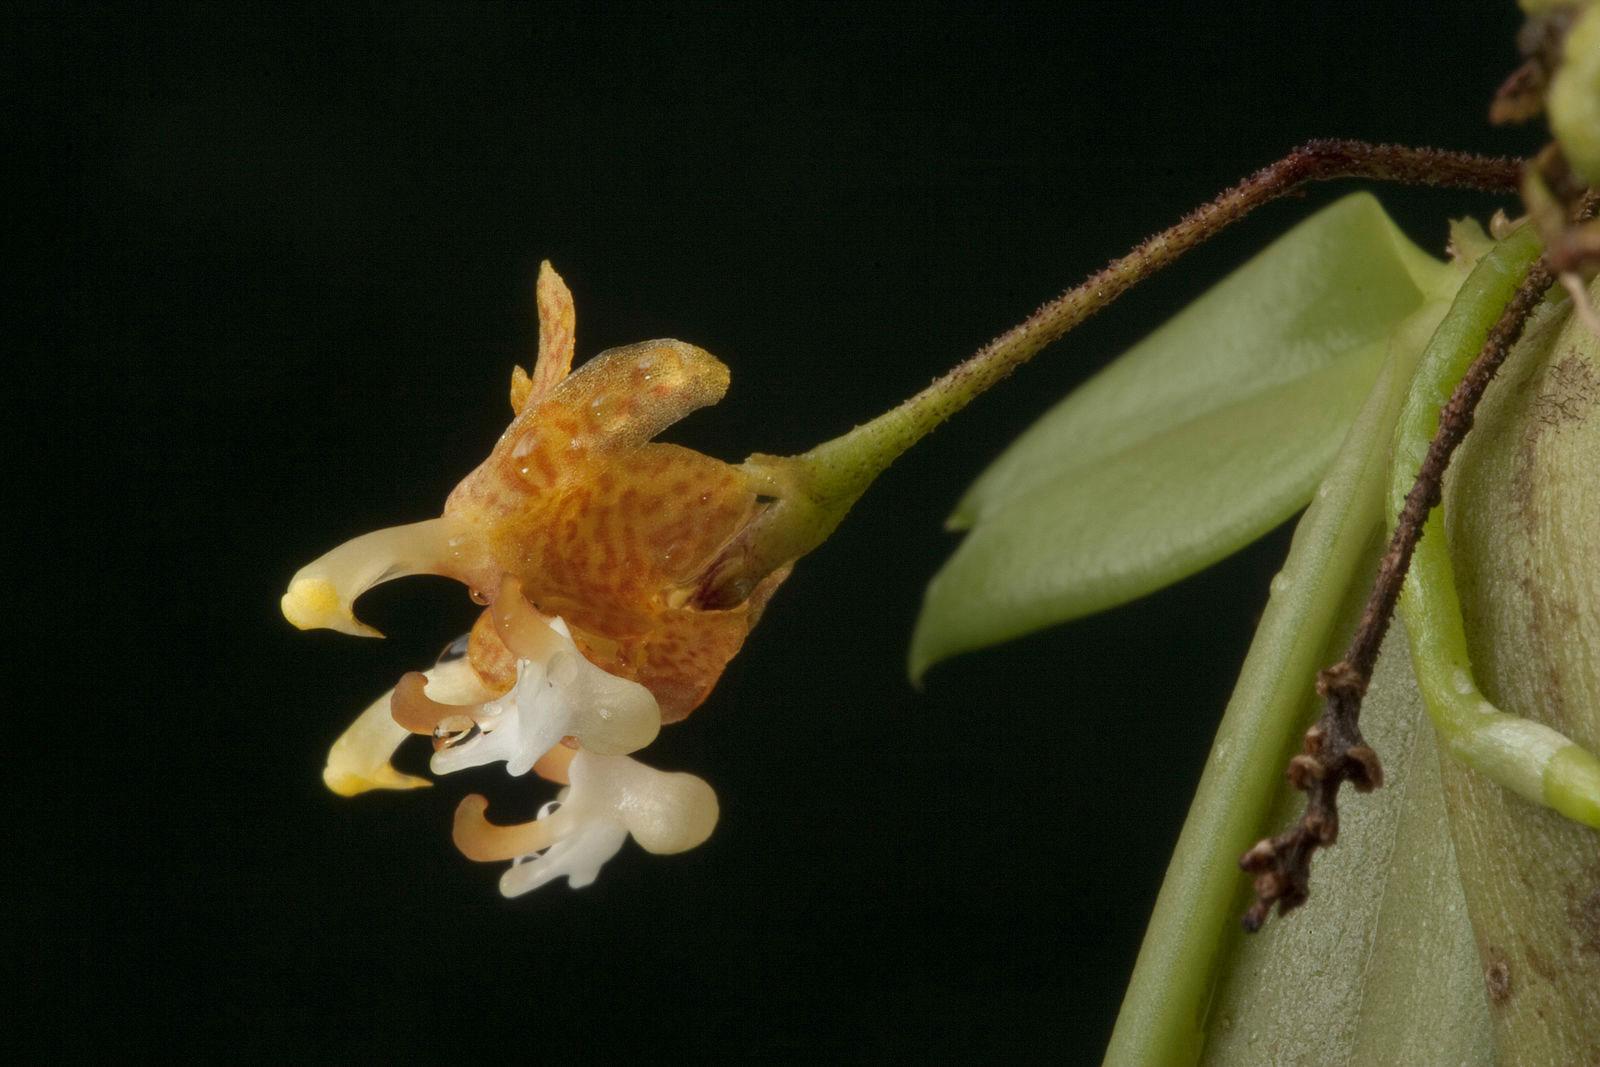 火炬兰属/长脚兰属Grosourdya Rchb.f.